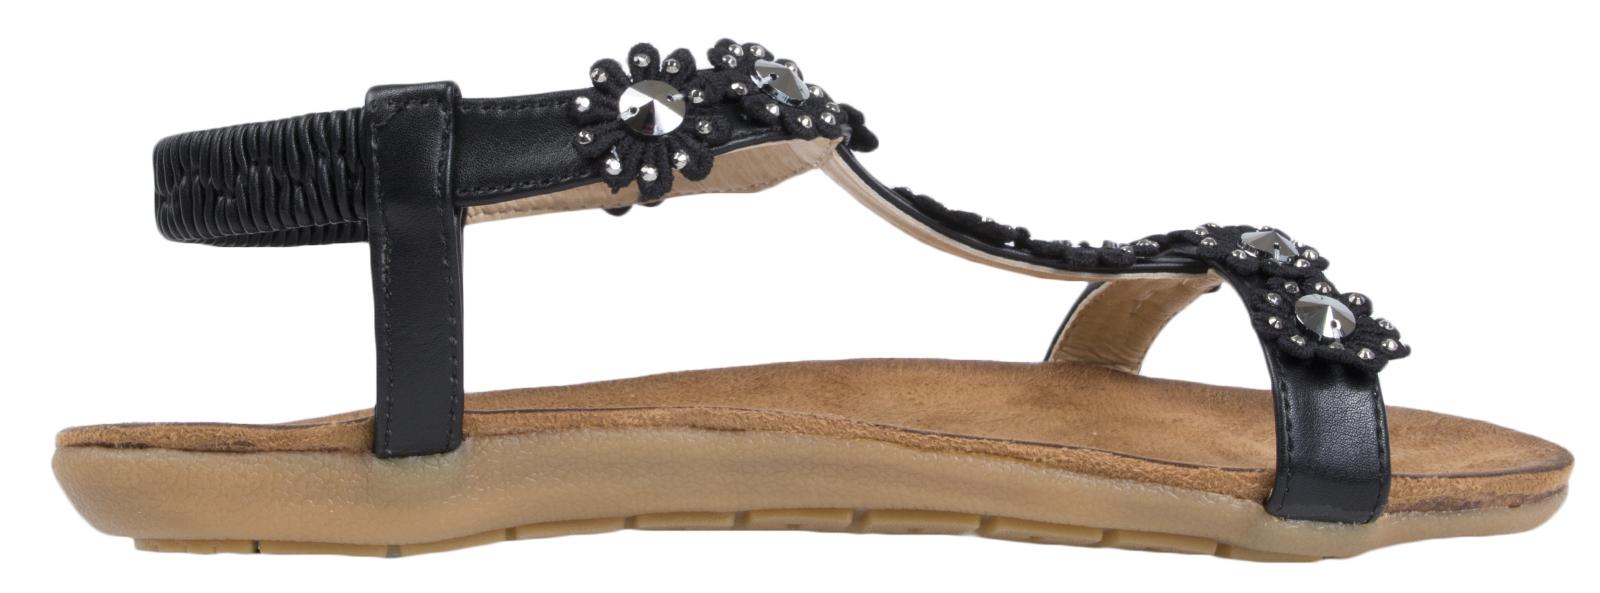 Womens Elastic Strap Diamante Flower Sandals Ladies Open Toe T Bar Shoes Size